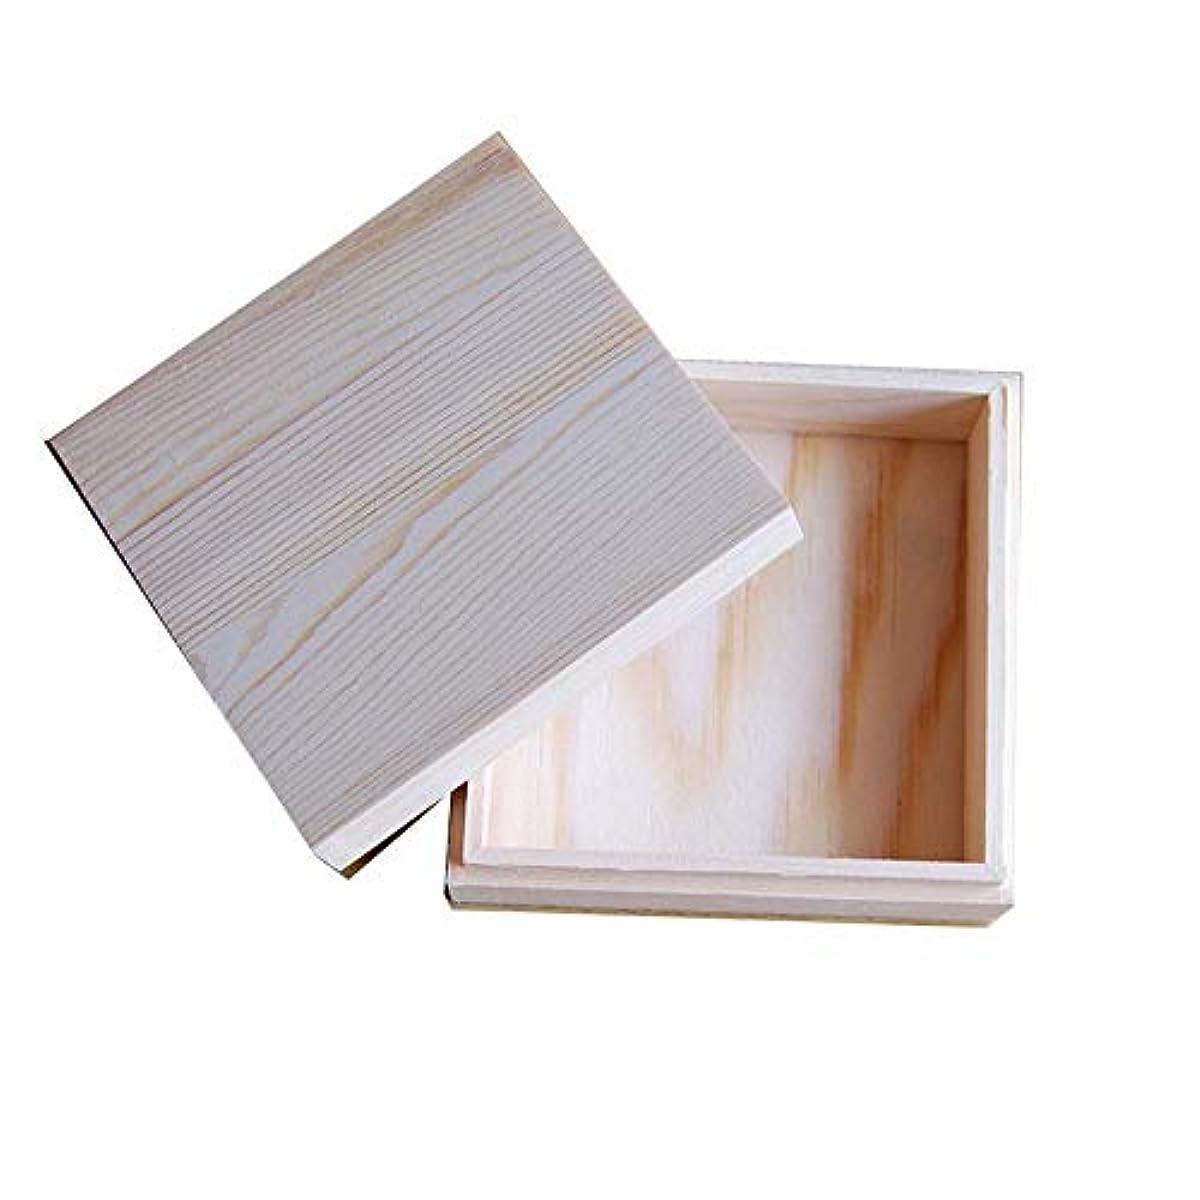 フラグラント耐える兵器庫エッセンシャルオイルの保管 木製のエッセンシャルオイルストレージボックス安全に油を維持するためのベスト (色 : Natural, サイズ : 11.5X11.5X5CM)